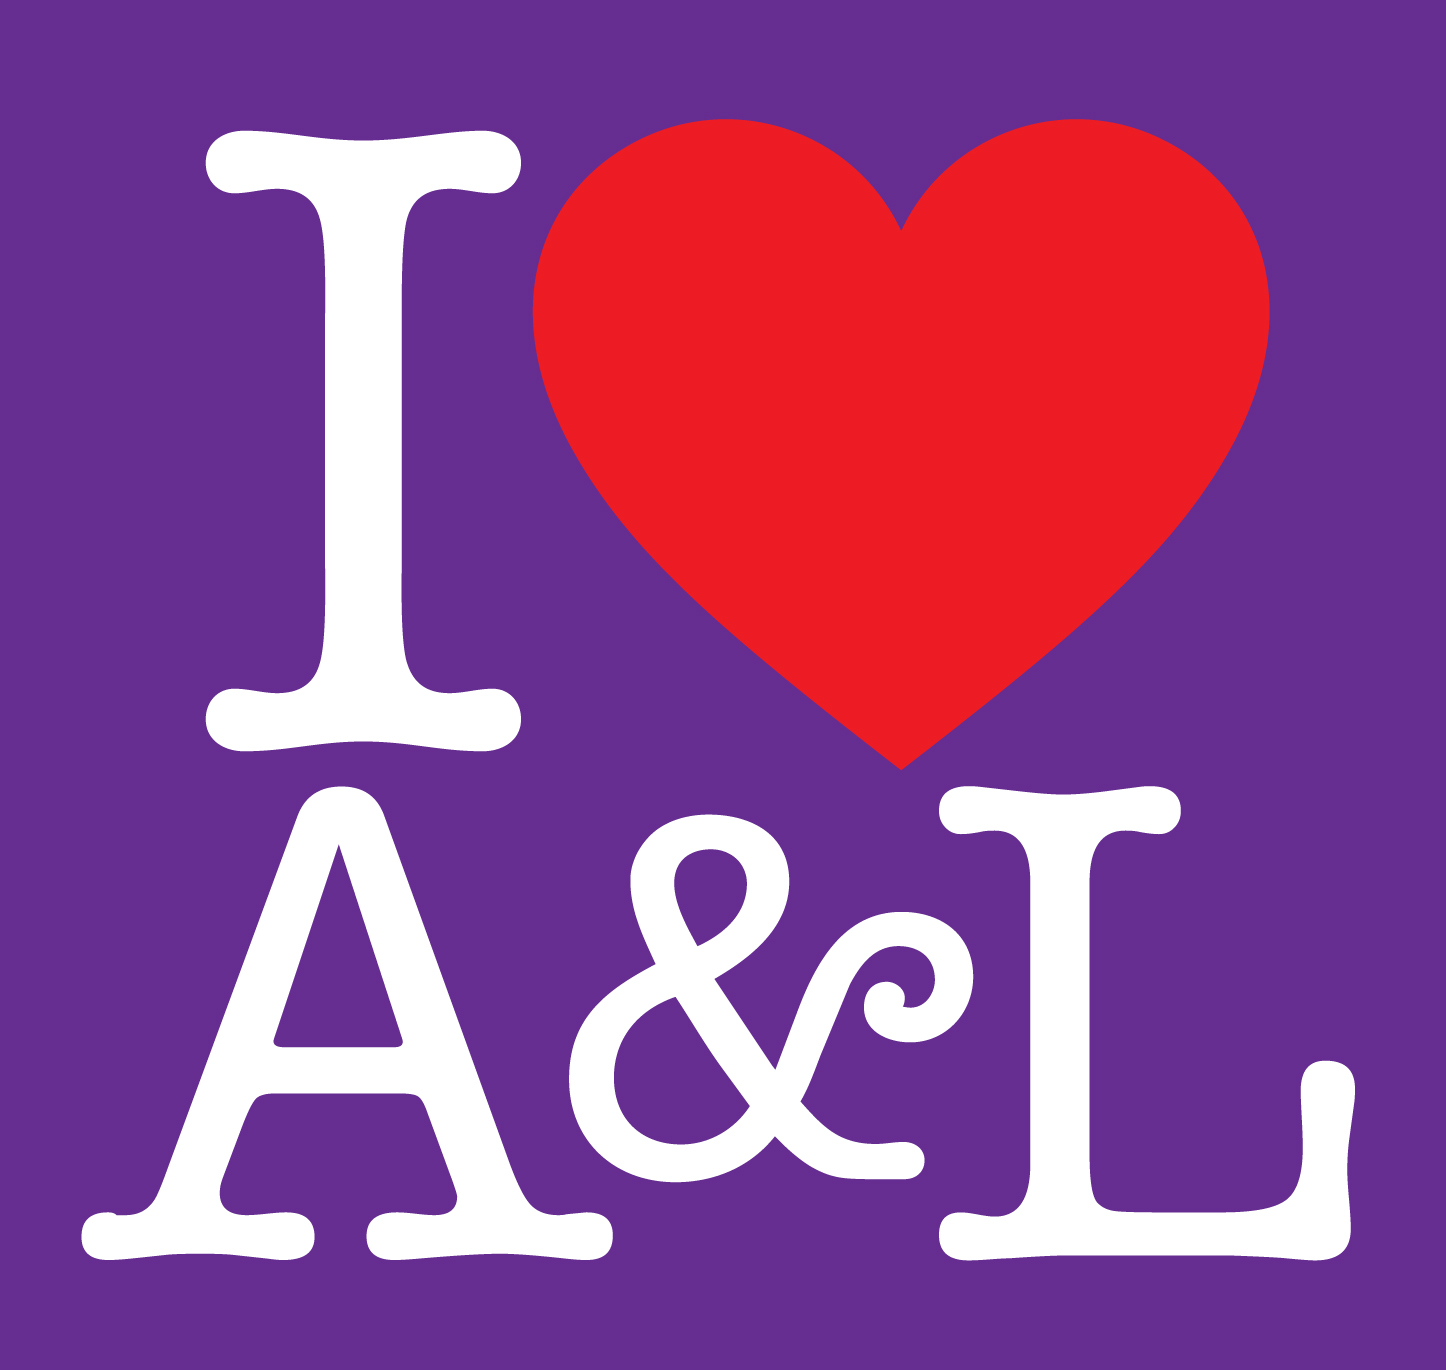 IHeartA&L.purple.jpg